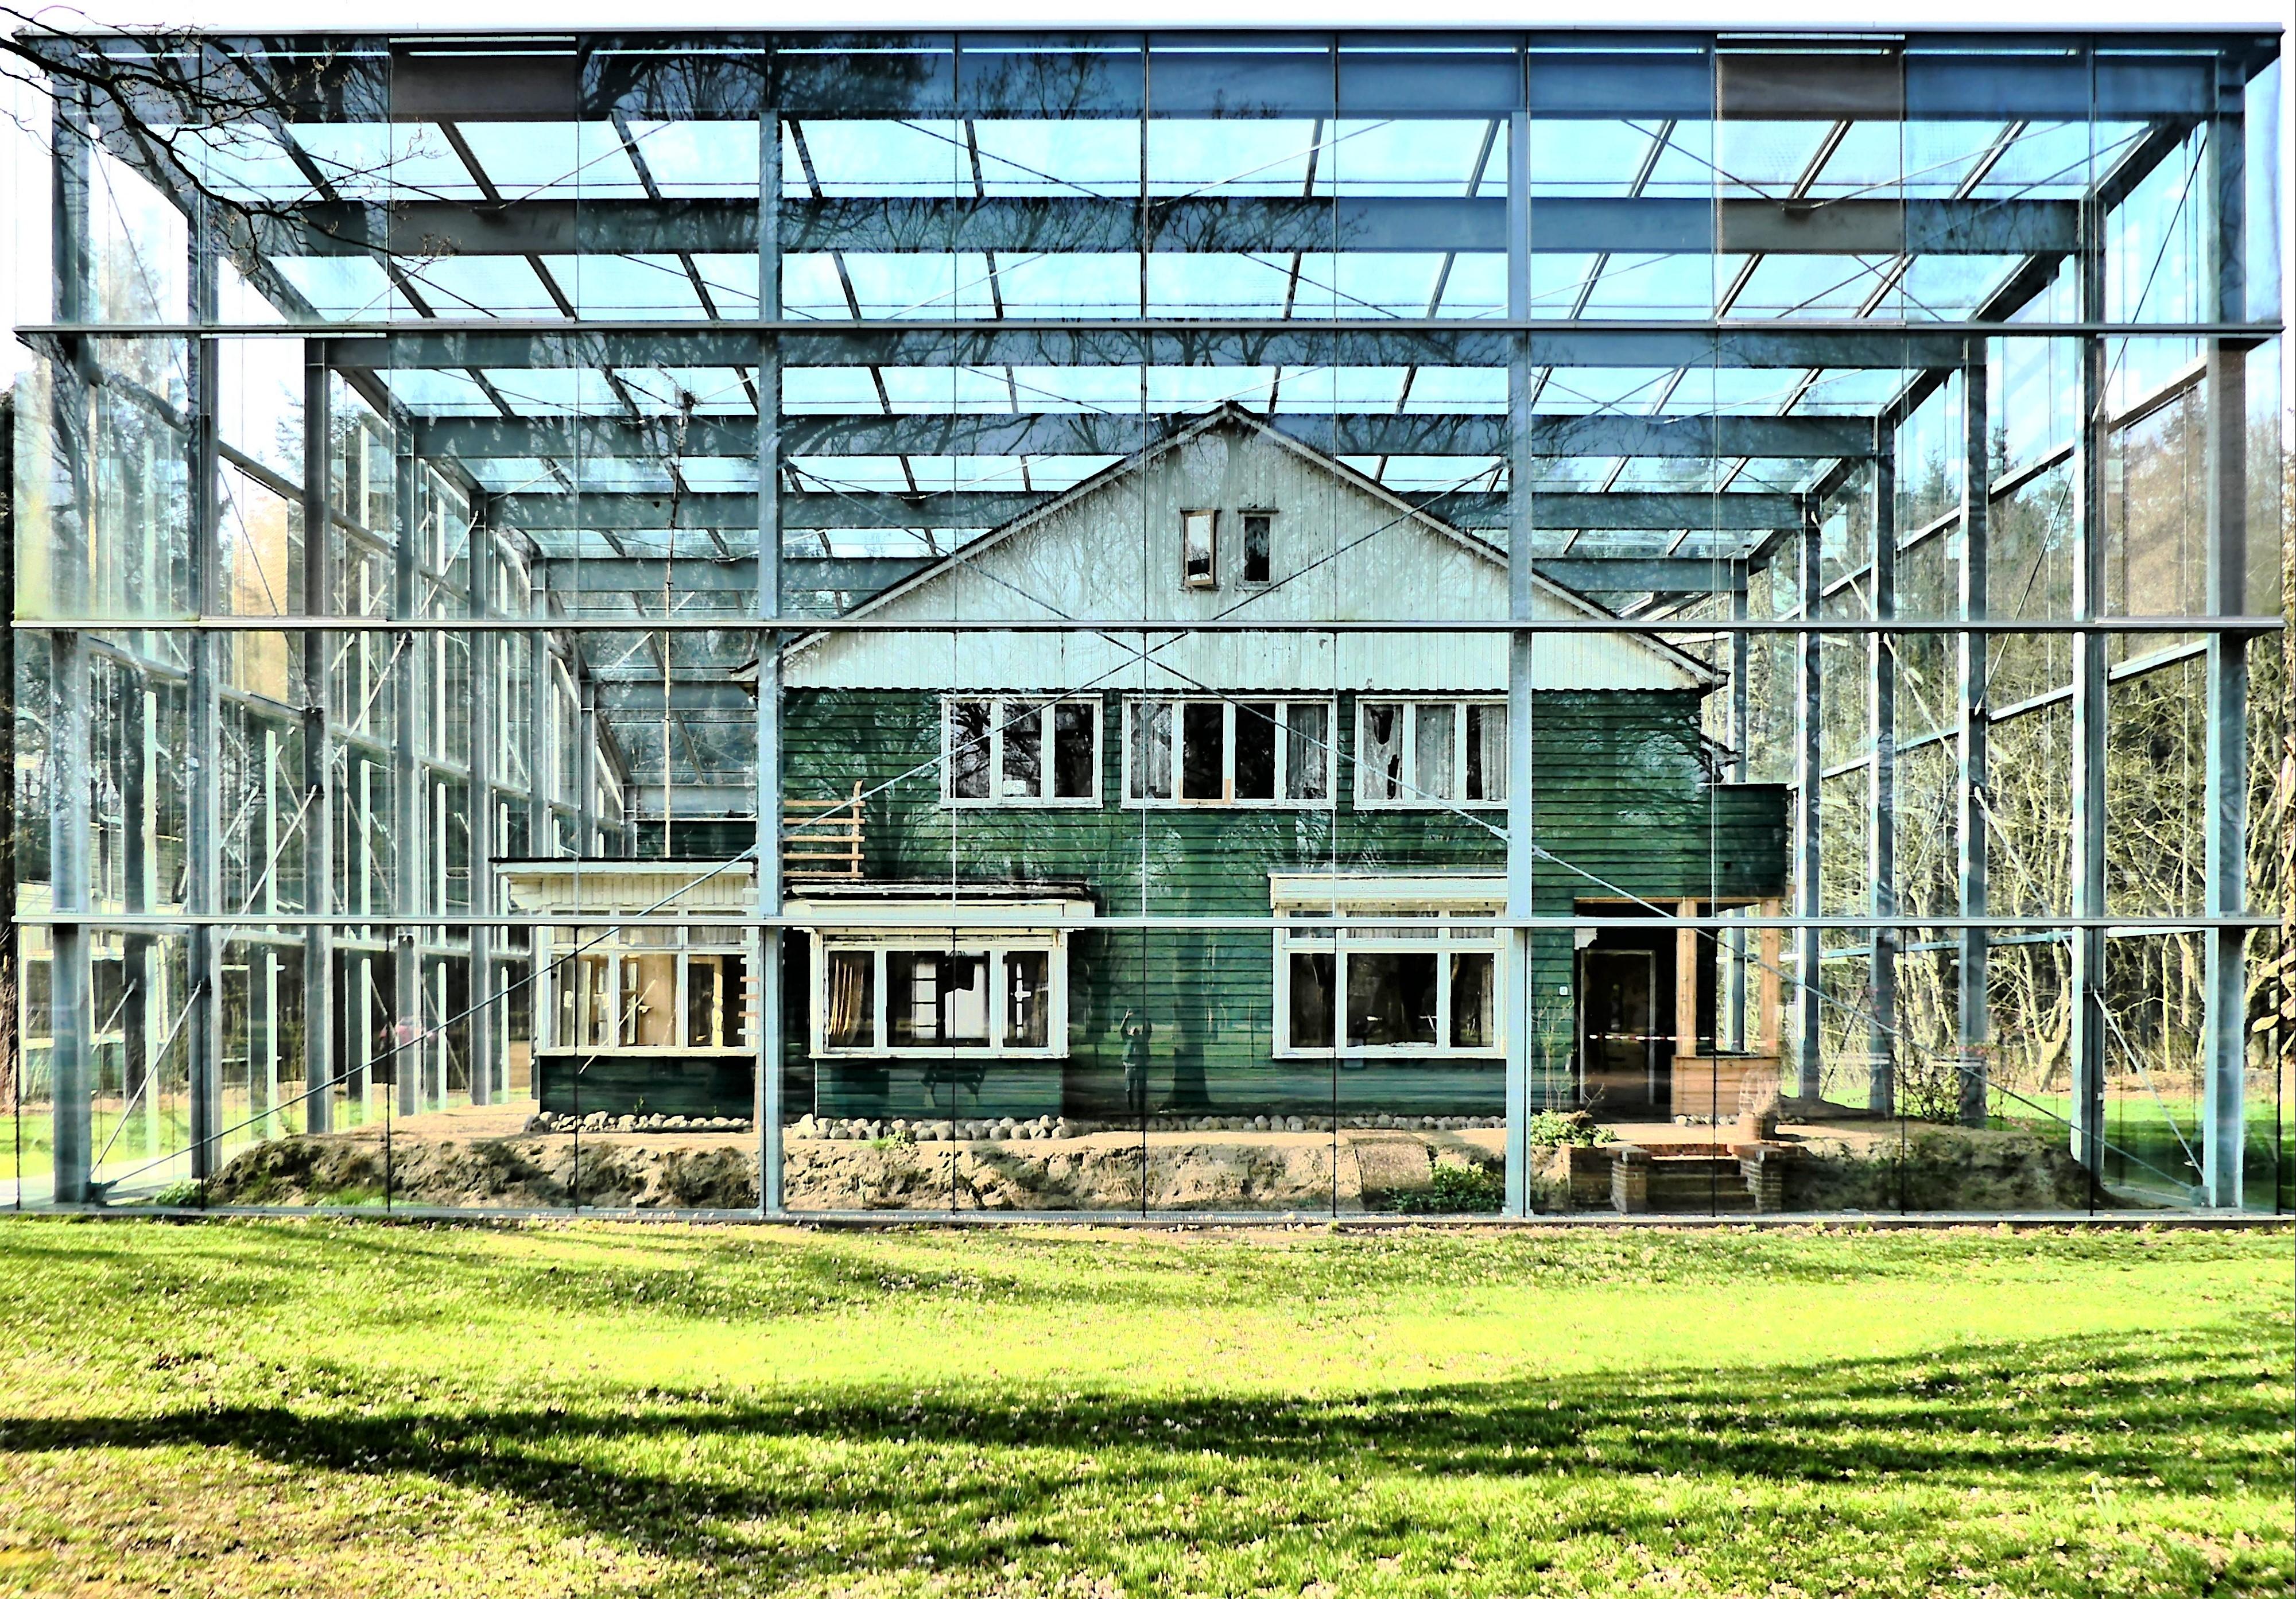 Westerbork under Glass